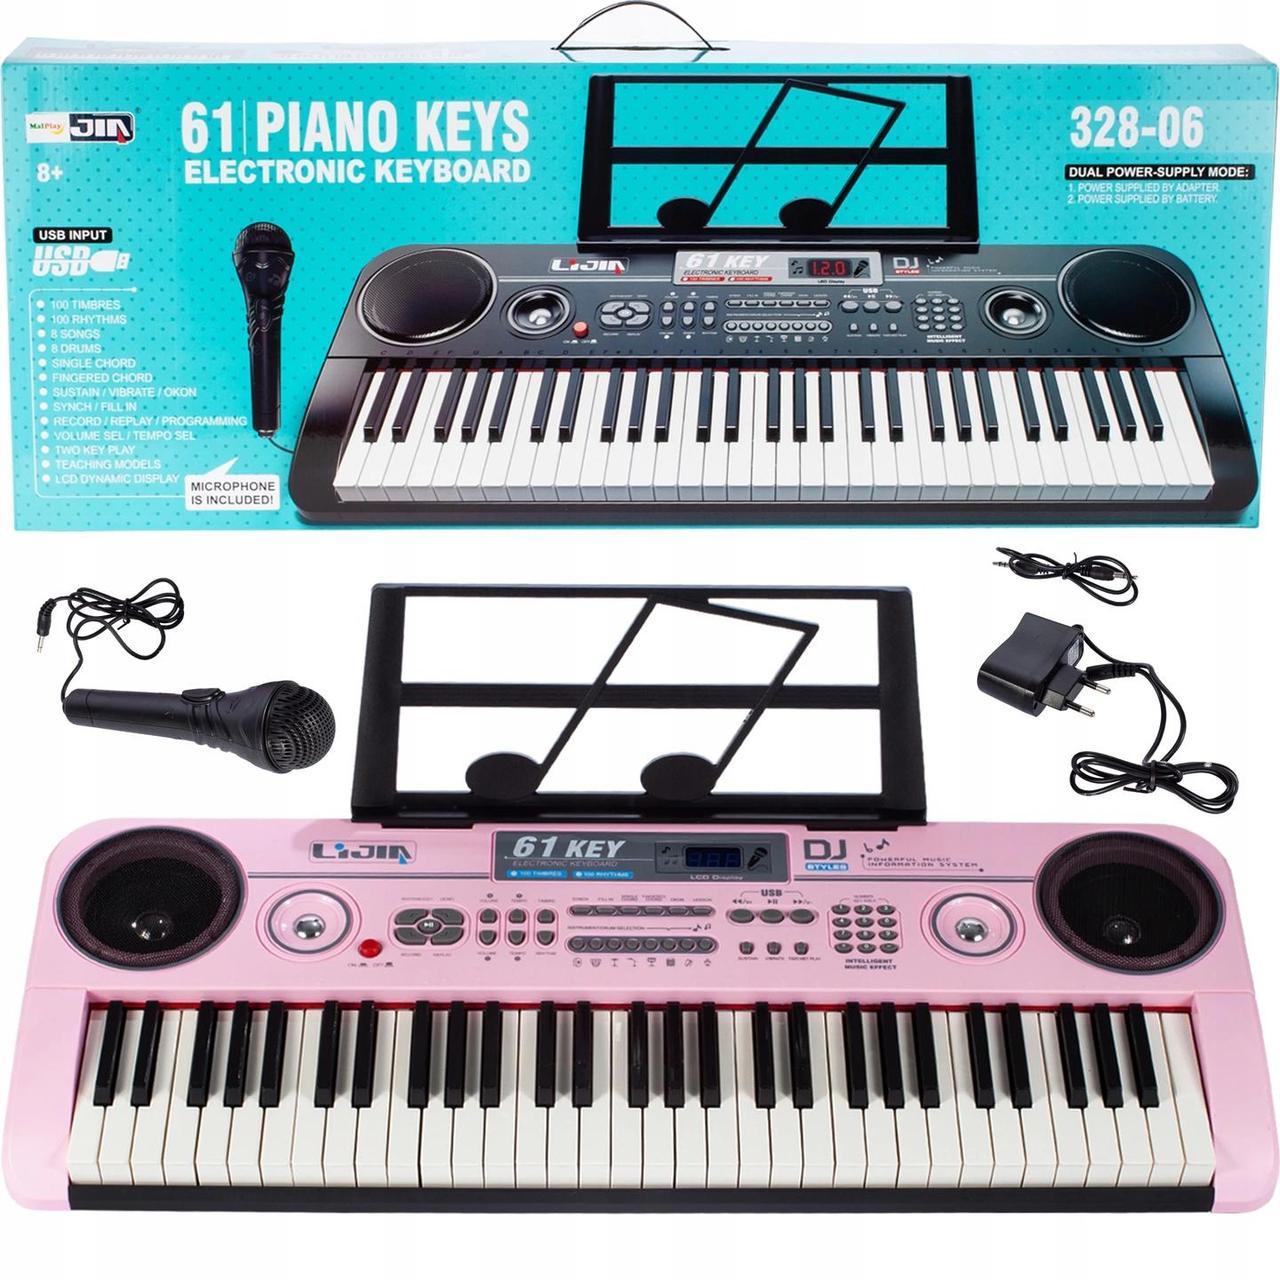 Большой детский синтезатор с USB входом, микрофоном и караоке